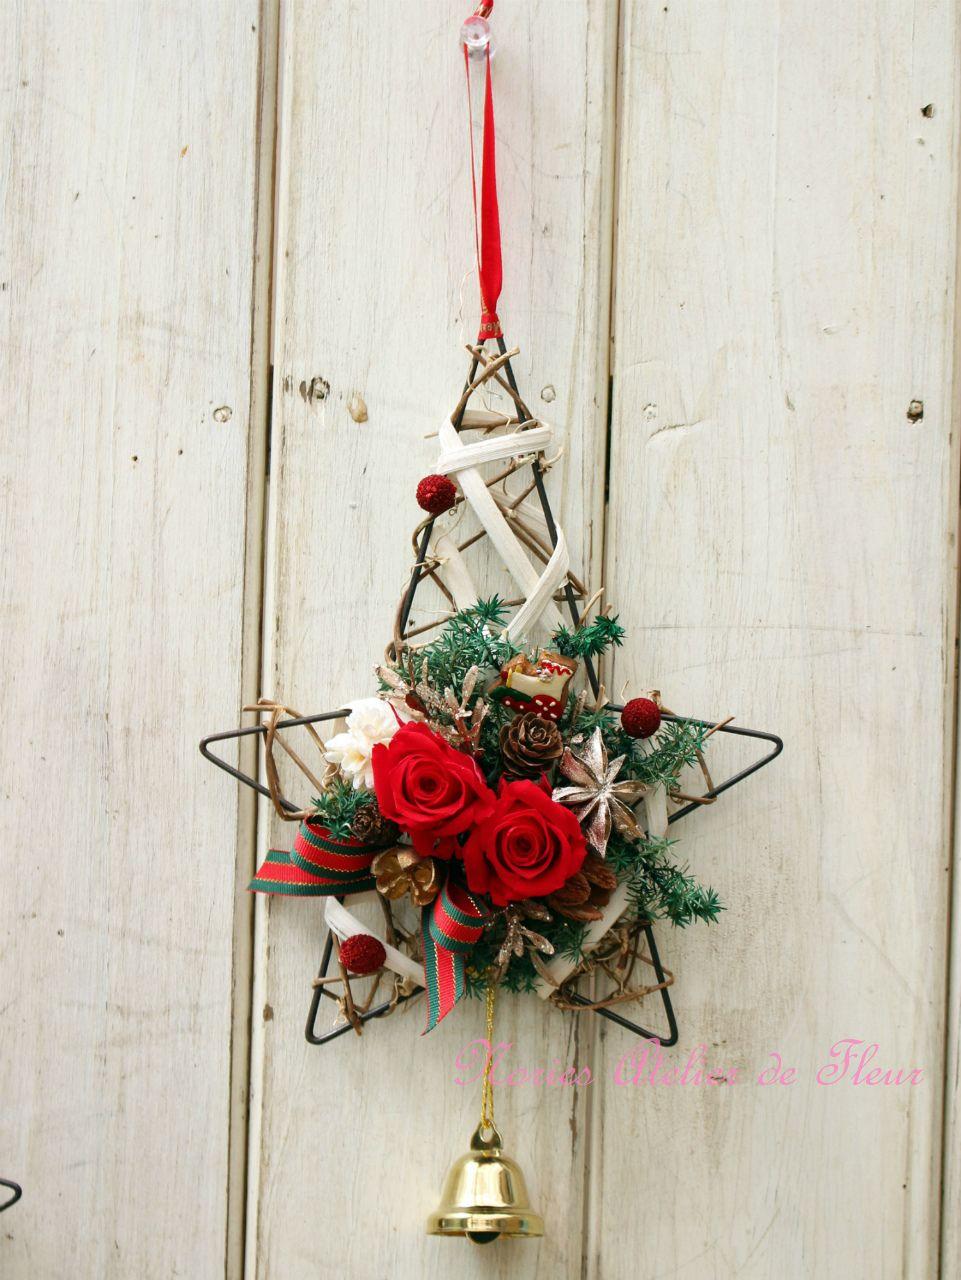 クリスマスのミニアレンジメント 流れ星の壁掛けアレンジメント